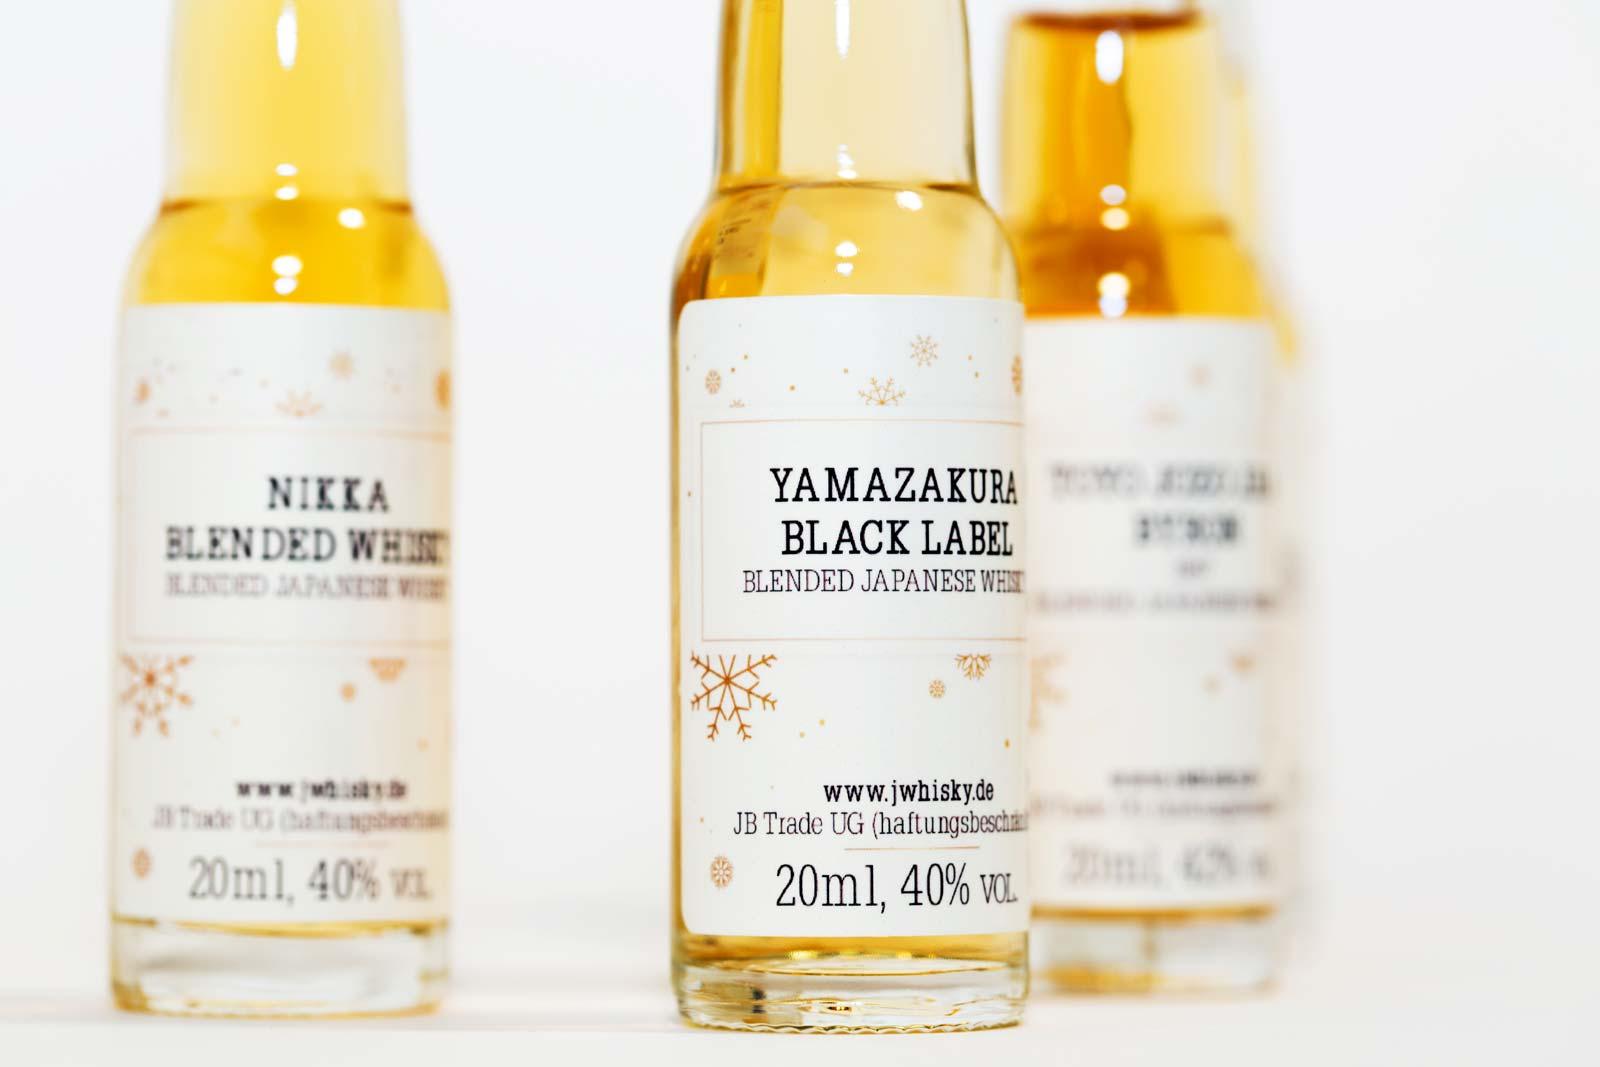 Gesa Siebert Kommunikationsdesign JWhisky Weihnachtskalender 2017 Whisky Flaschen Labels Etiketten